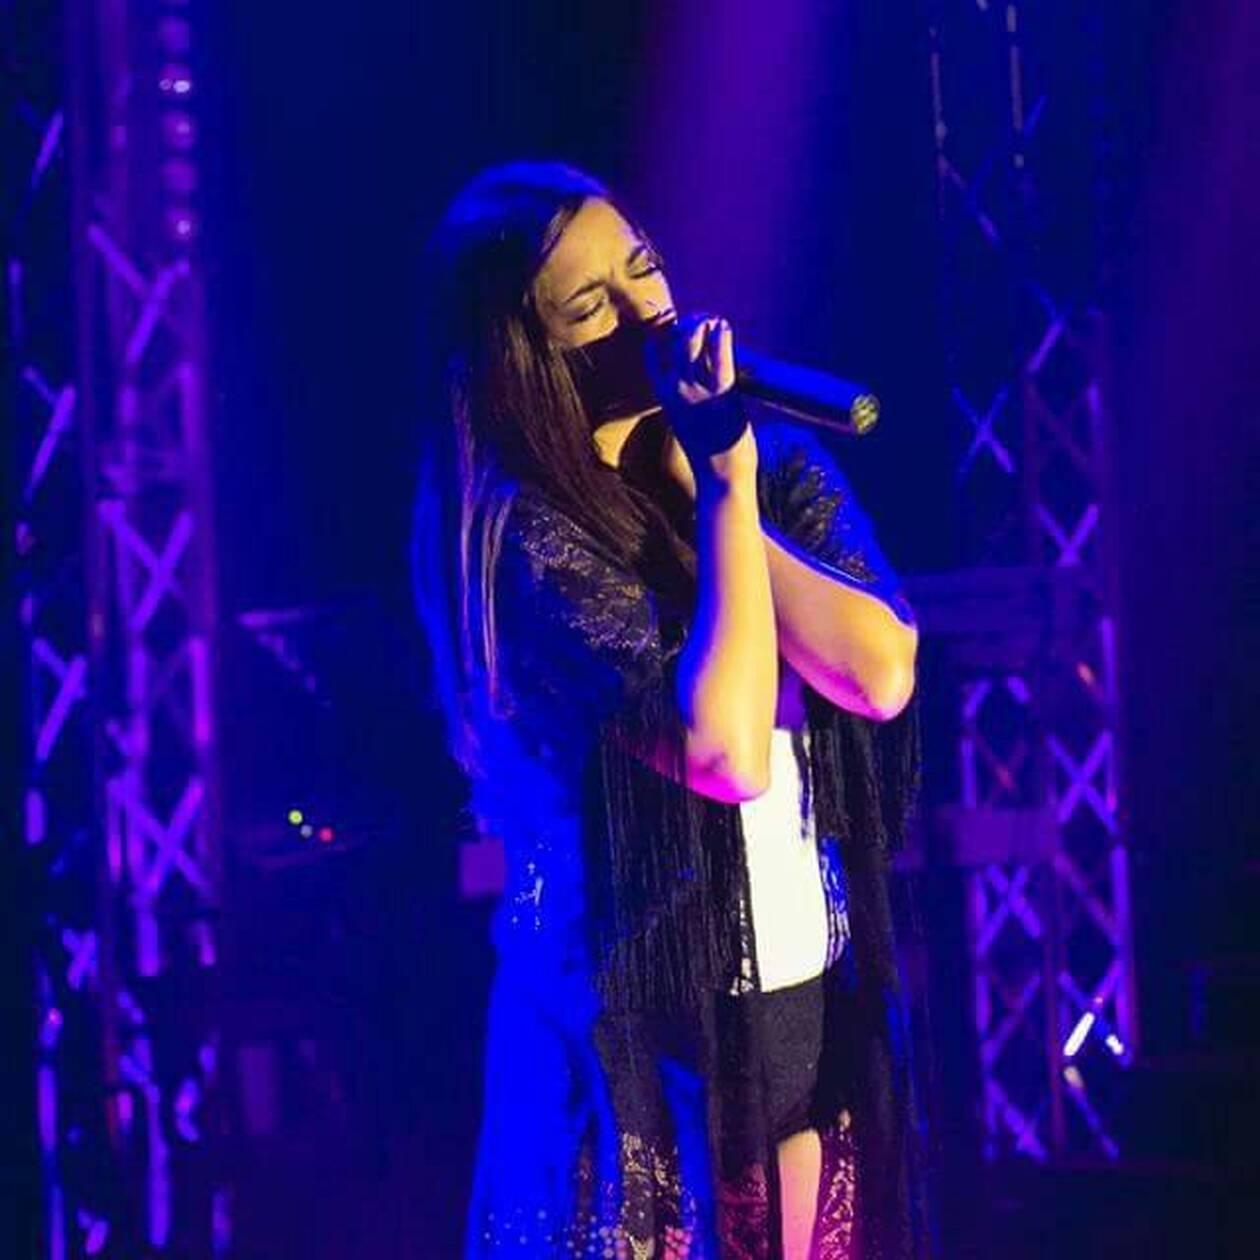 MasterChef - Απίστευτο: Δείτε πώς ήταν η Λία όταν τραγουδούσε στα μπουζούκια το 2013